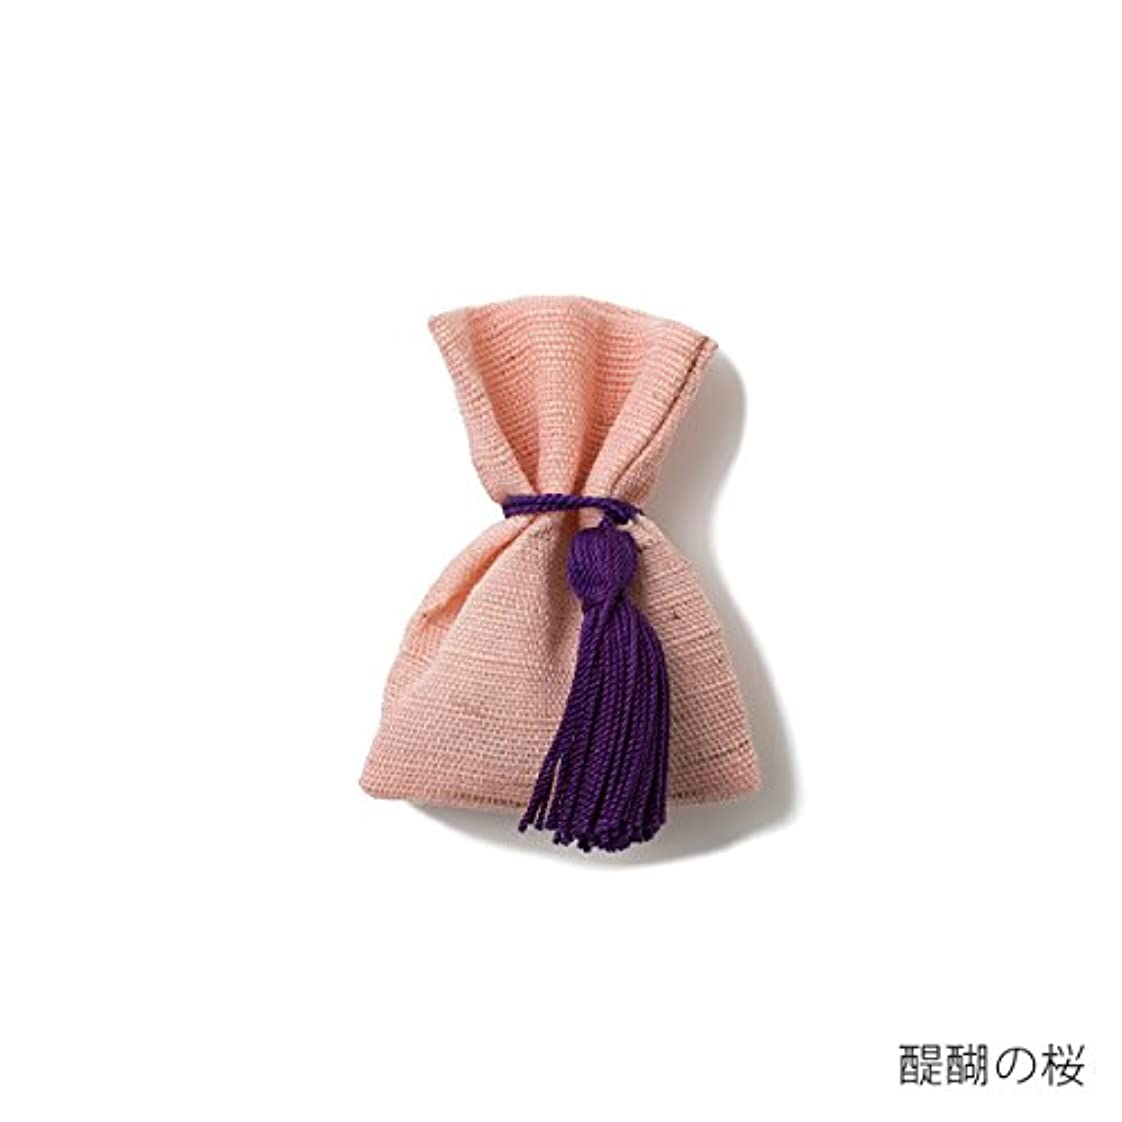 分析的なアンドリューハリディホール【薫玉堂】 京の香り 香袋 醍醐の桜